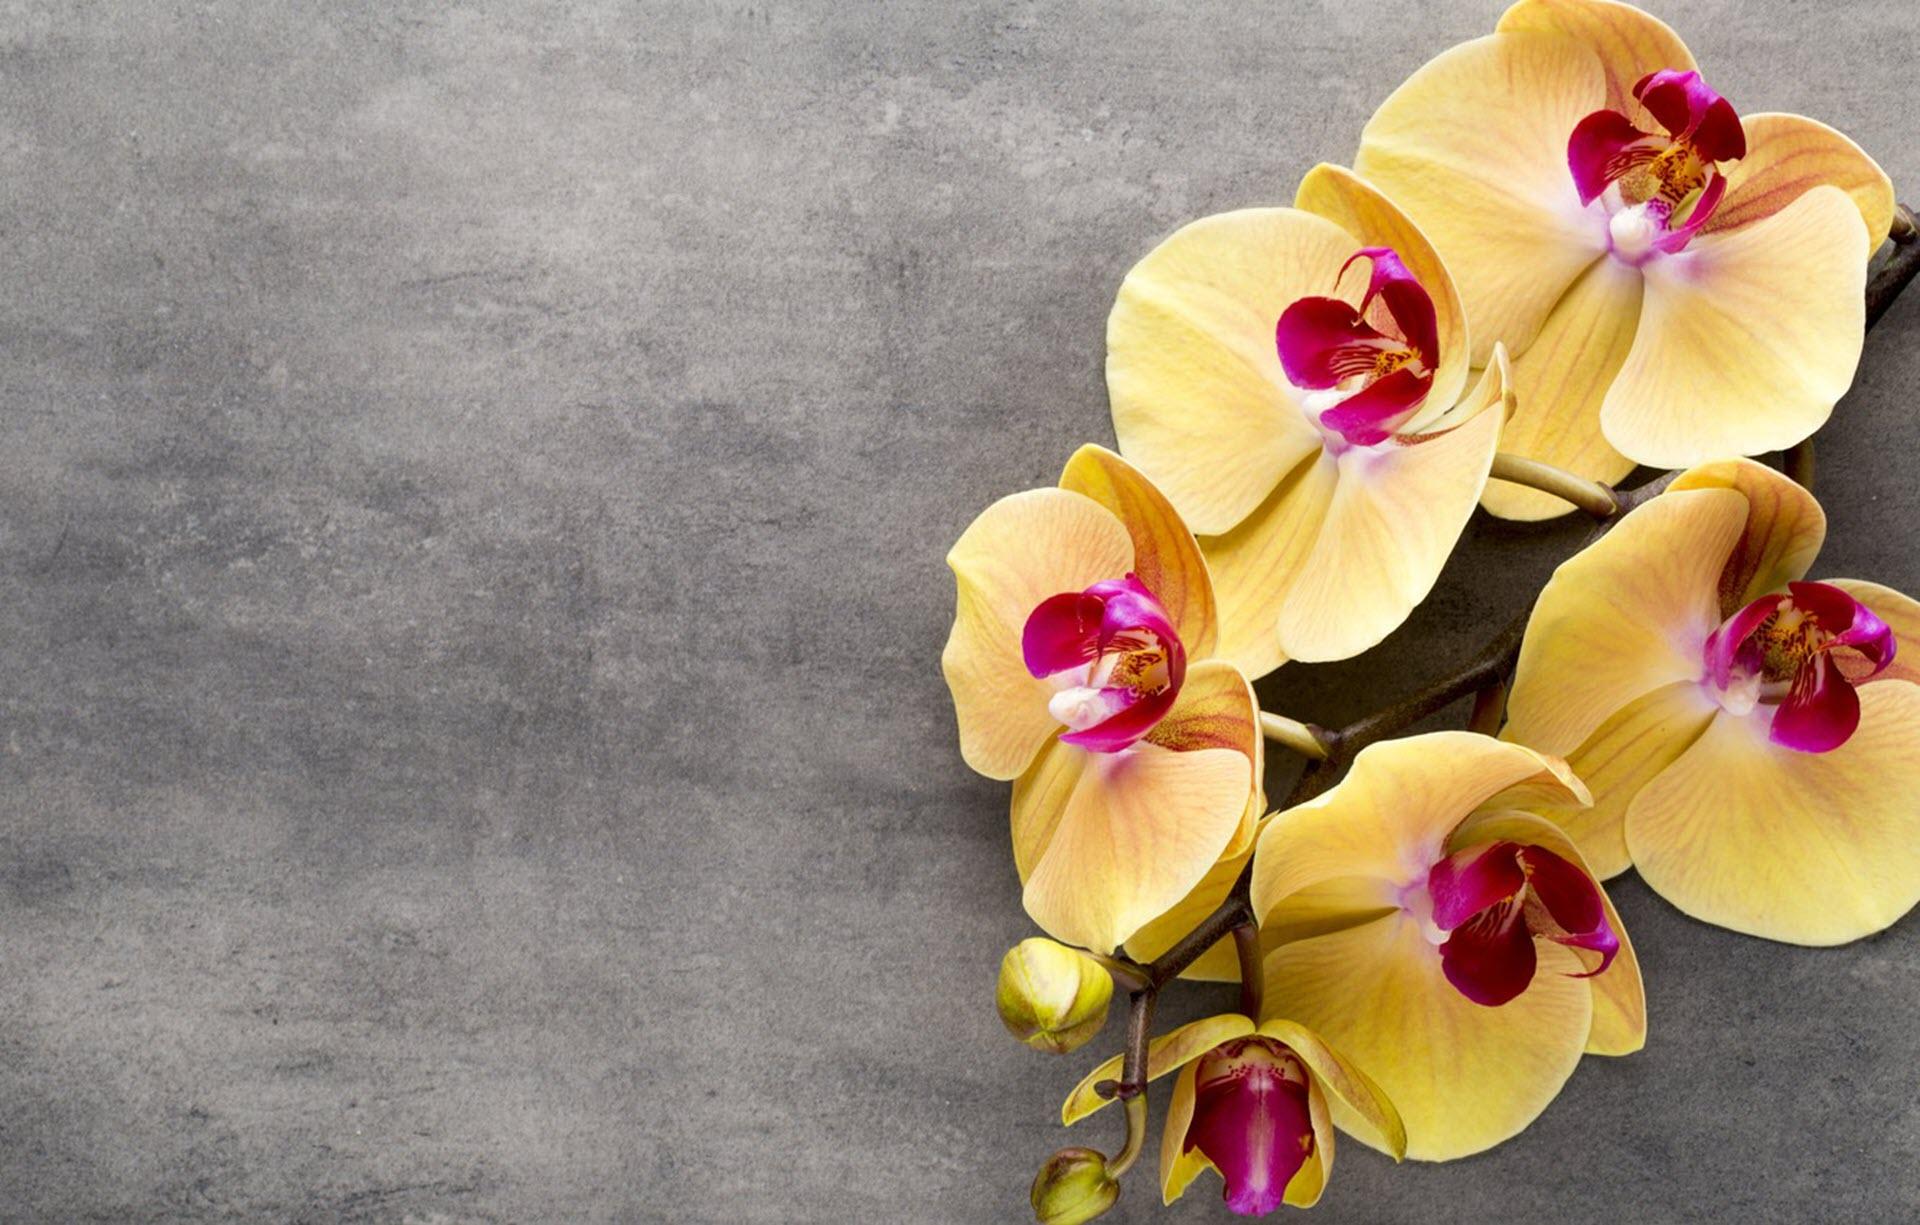 Ảnh nền hoa lan vàng đẹp